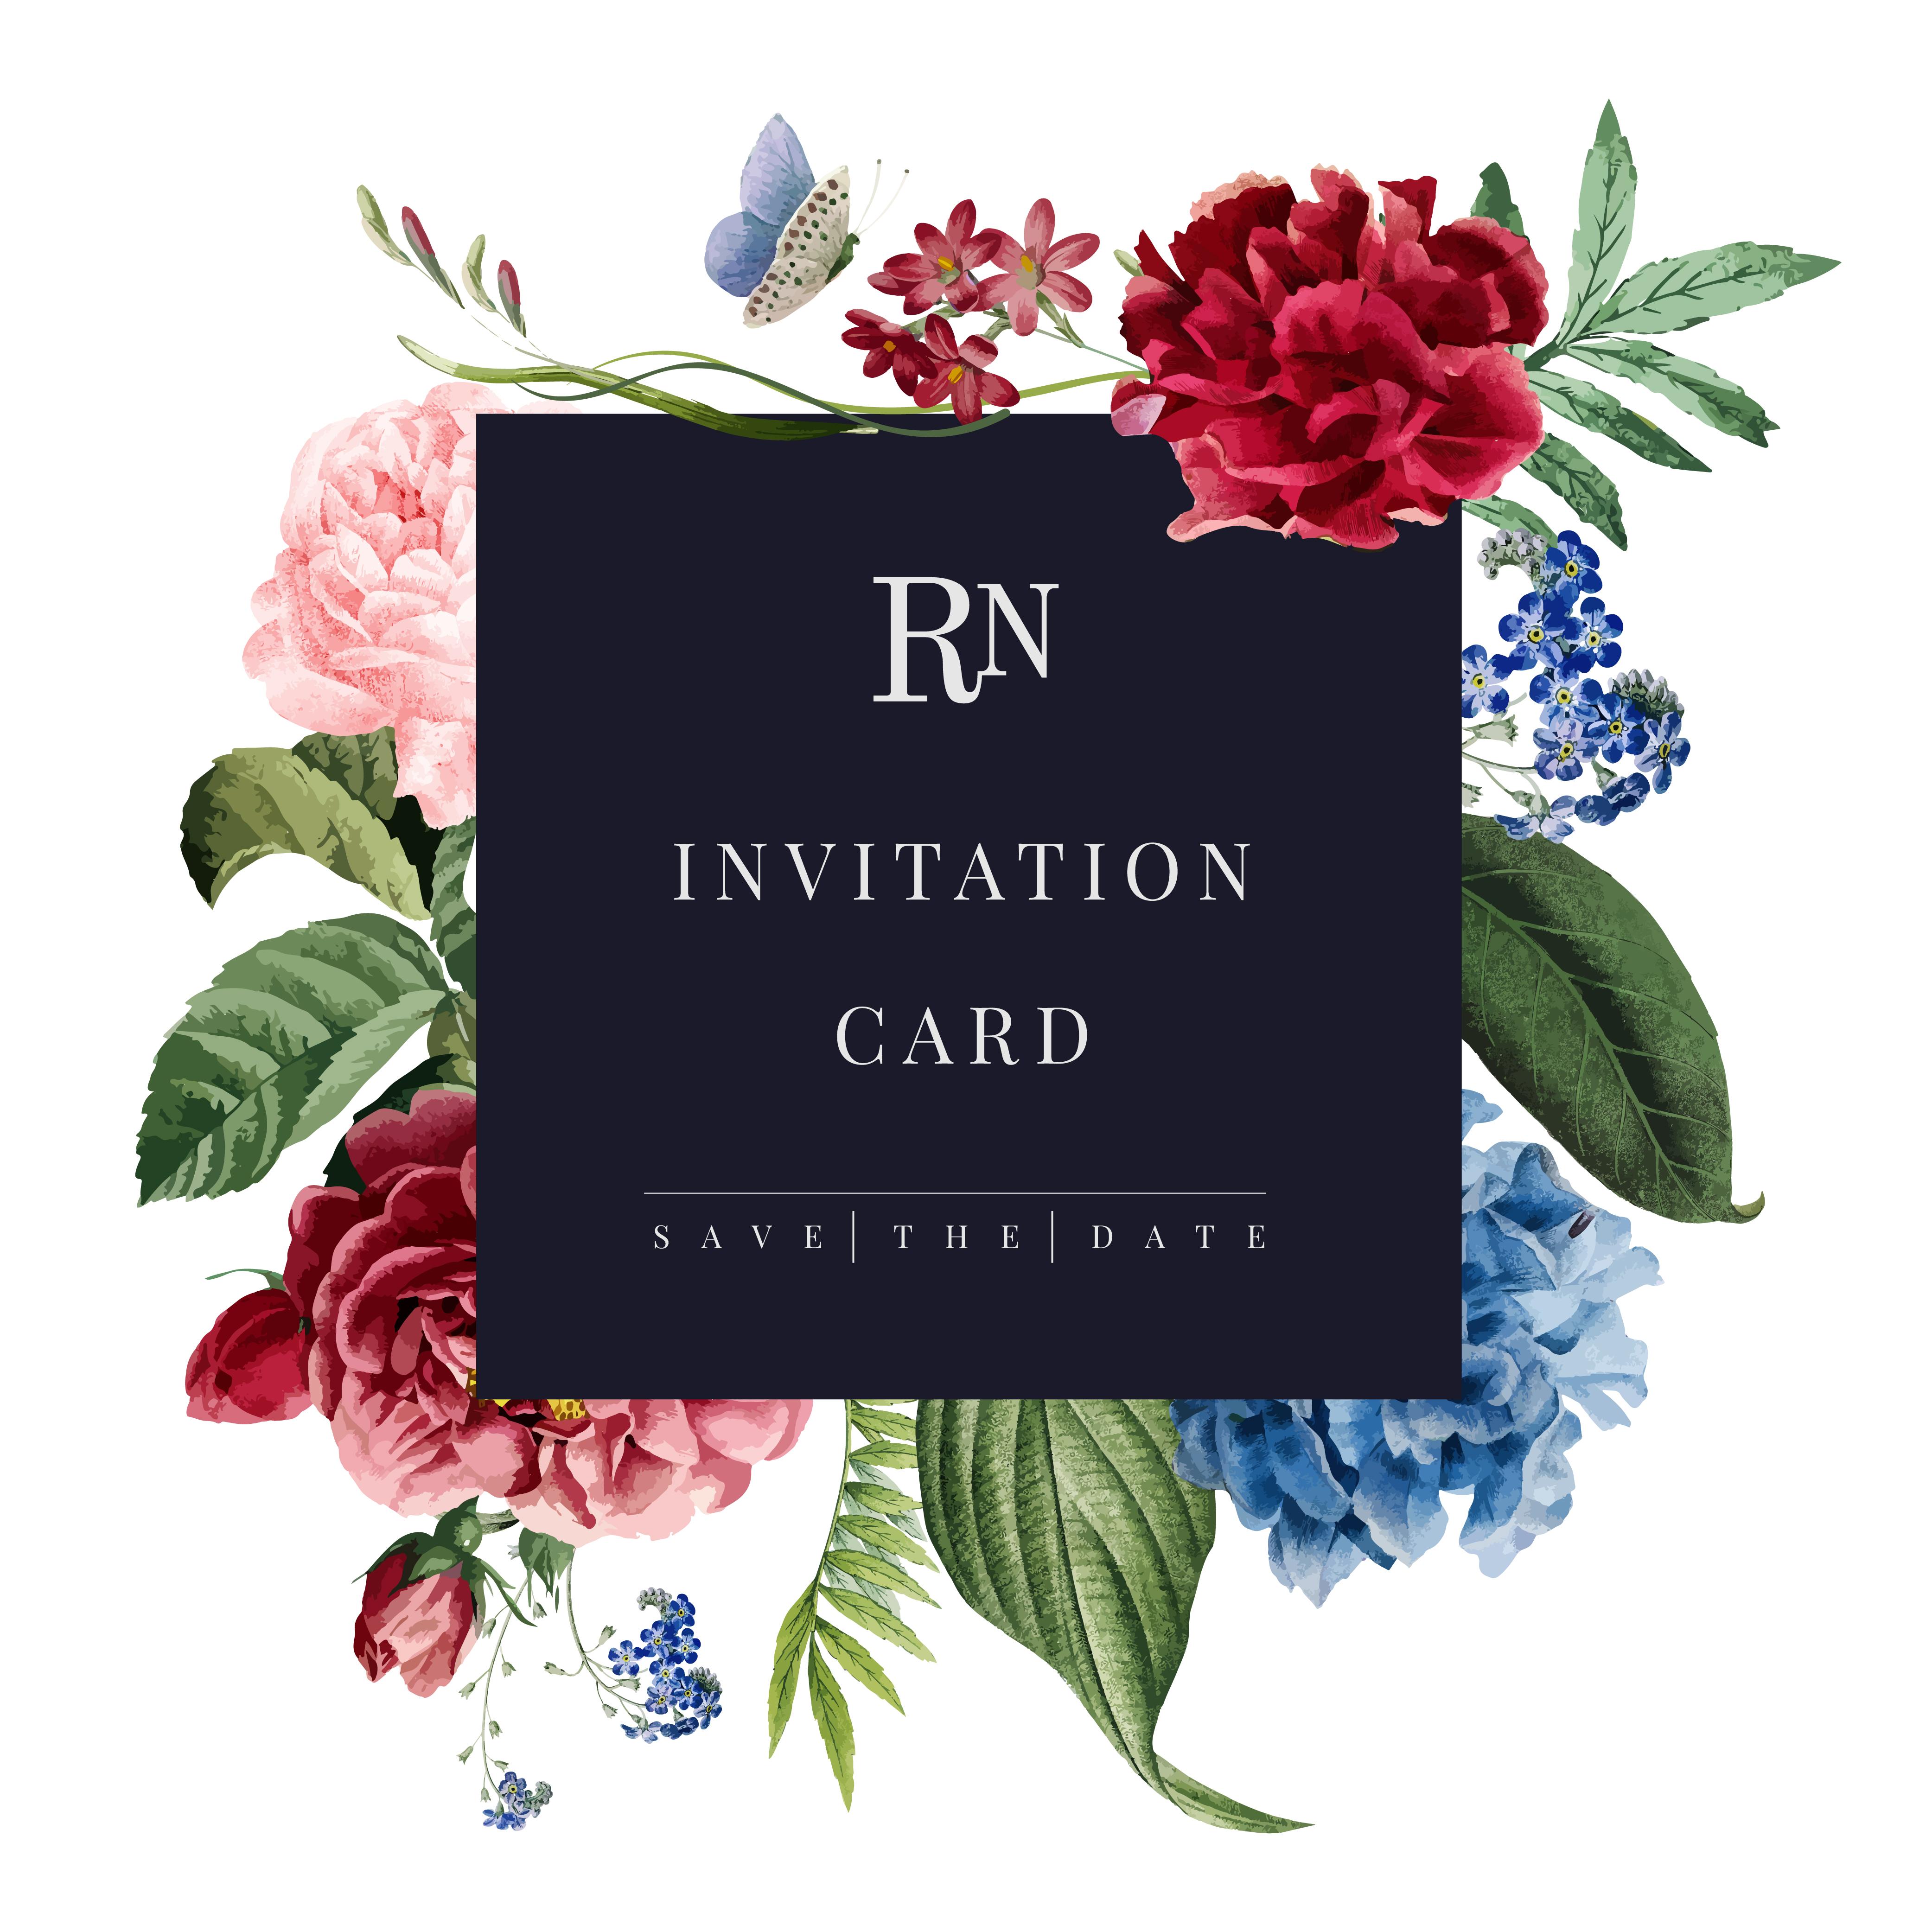 floral invitation card mockup illustration  download free